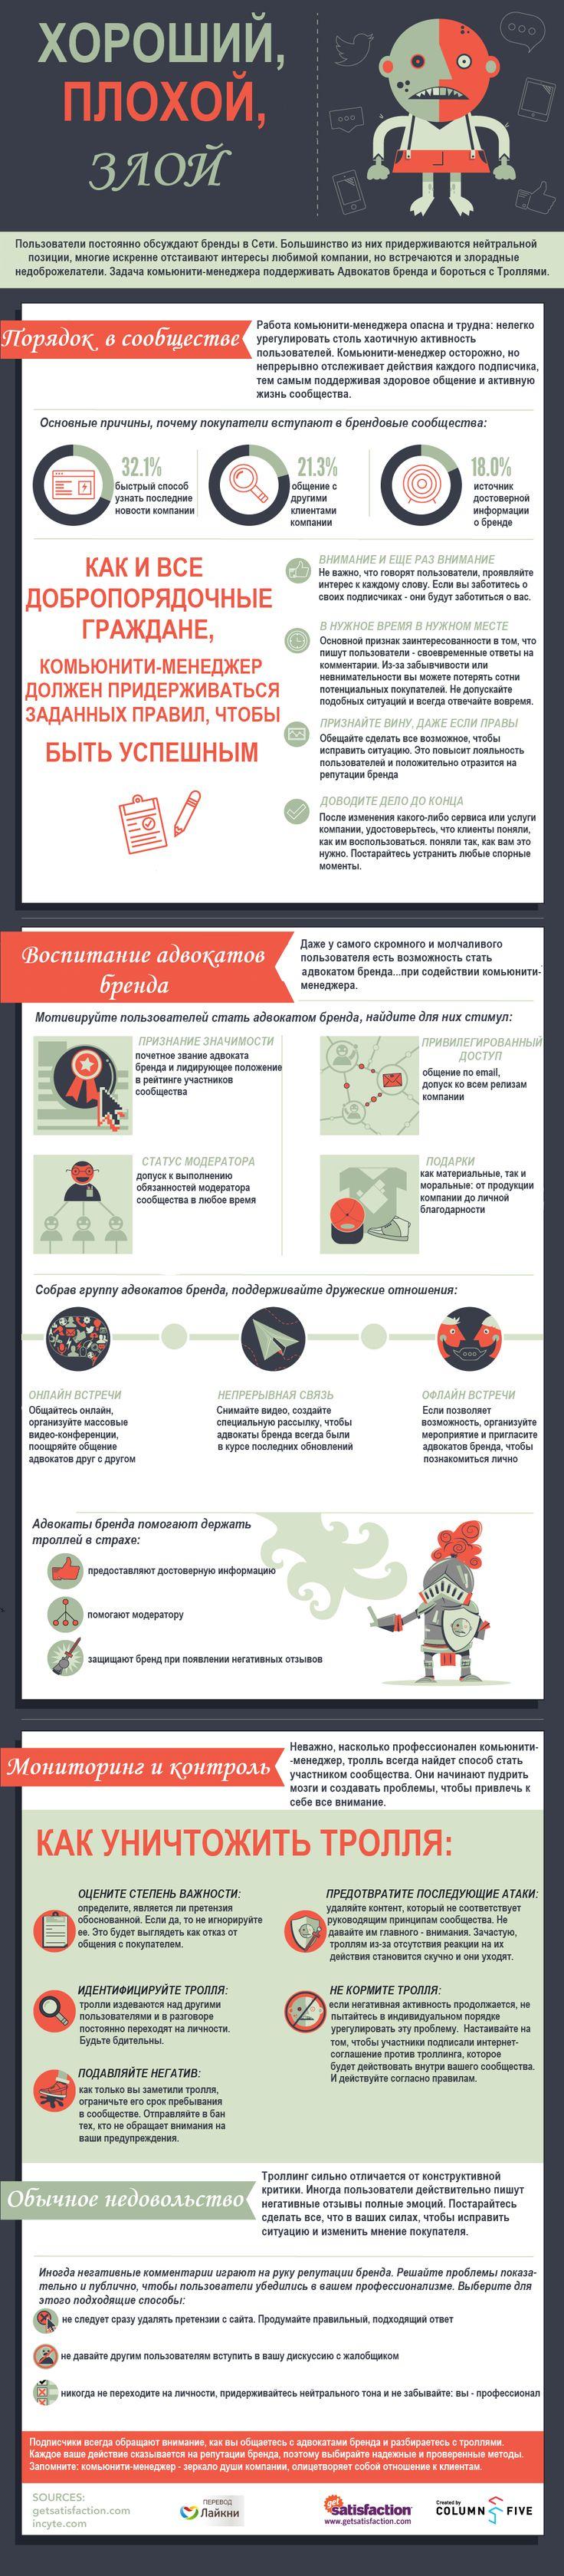 Инфографика: Комьюнити-менеджер: хороший, плохой, злой